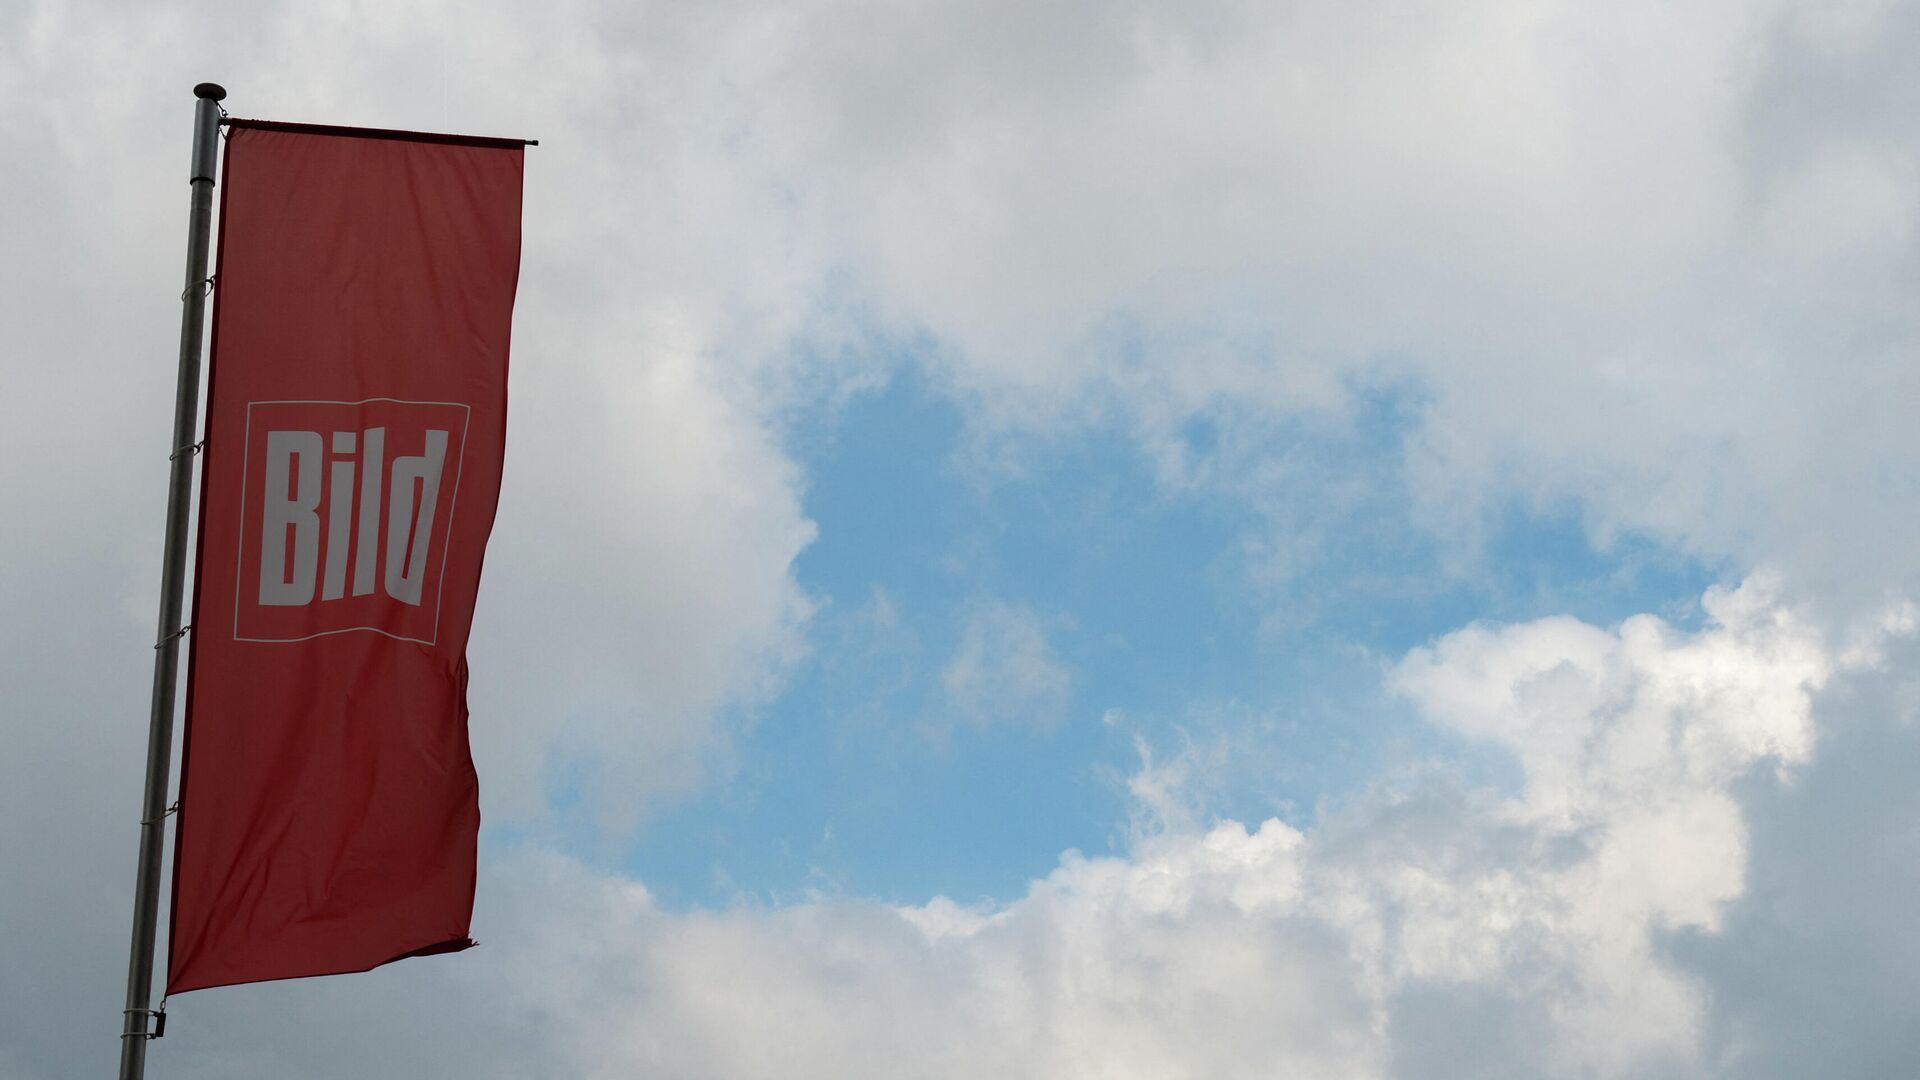 Flaggge mit Logo der Bild-Zeitung - SNA, 1920, 12.03.2021